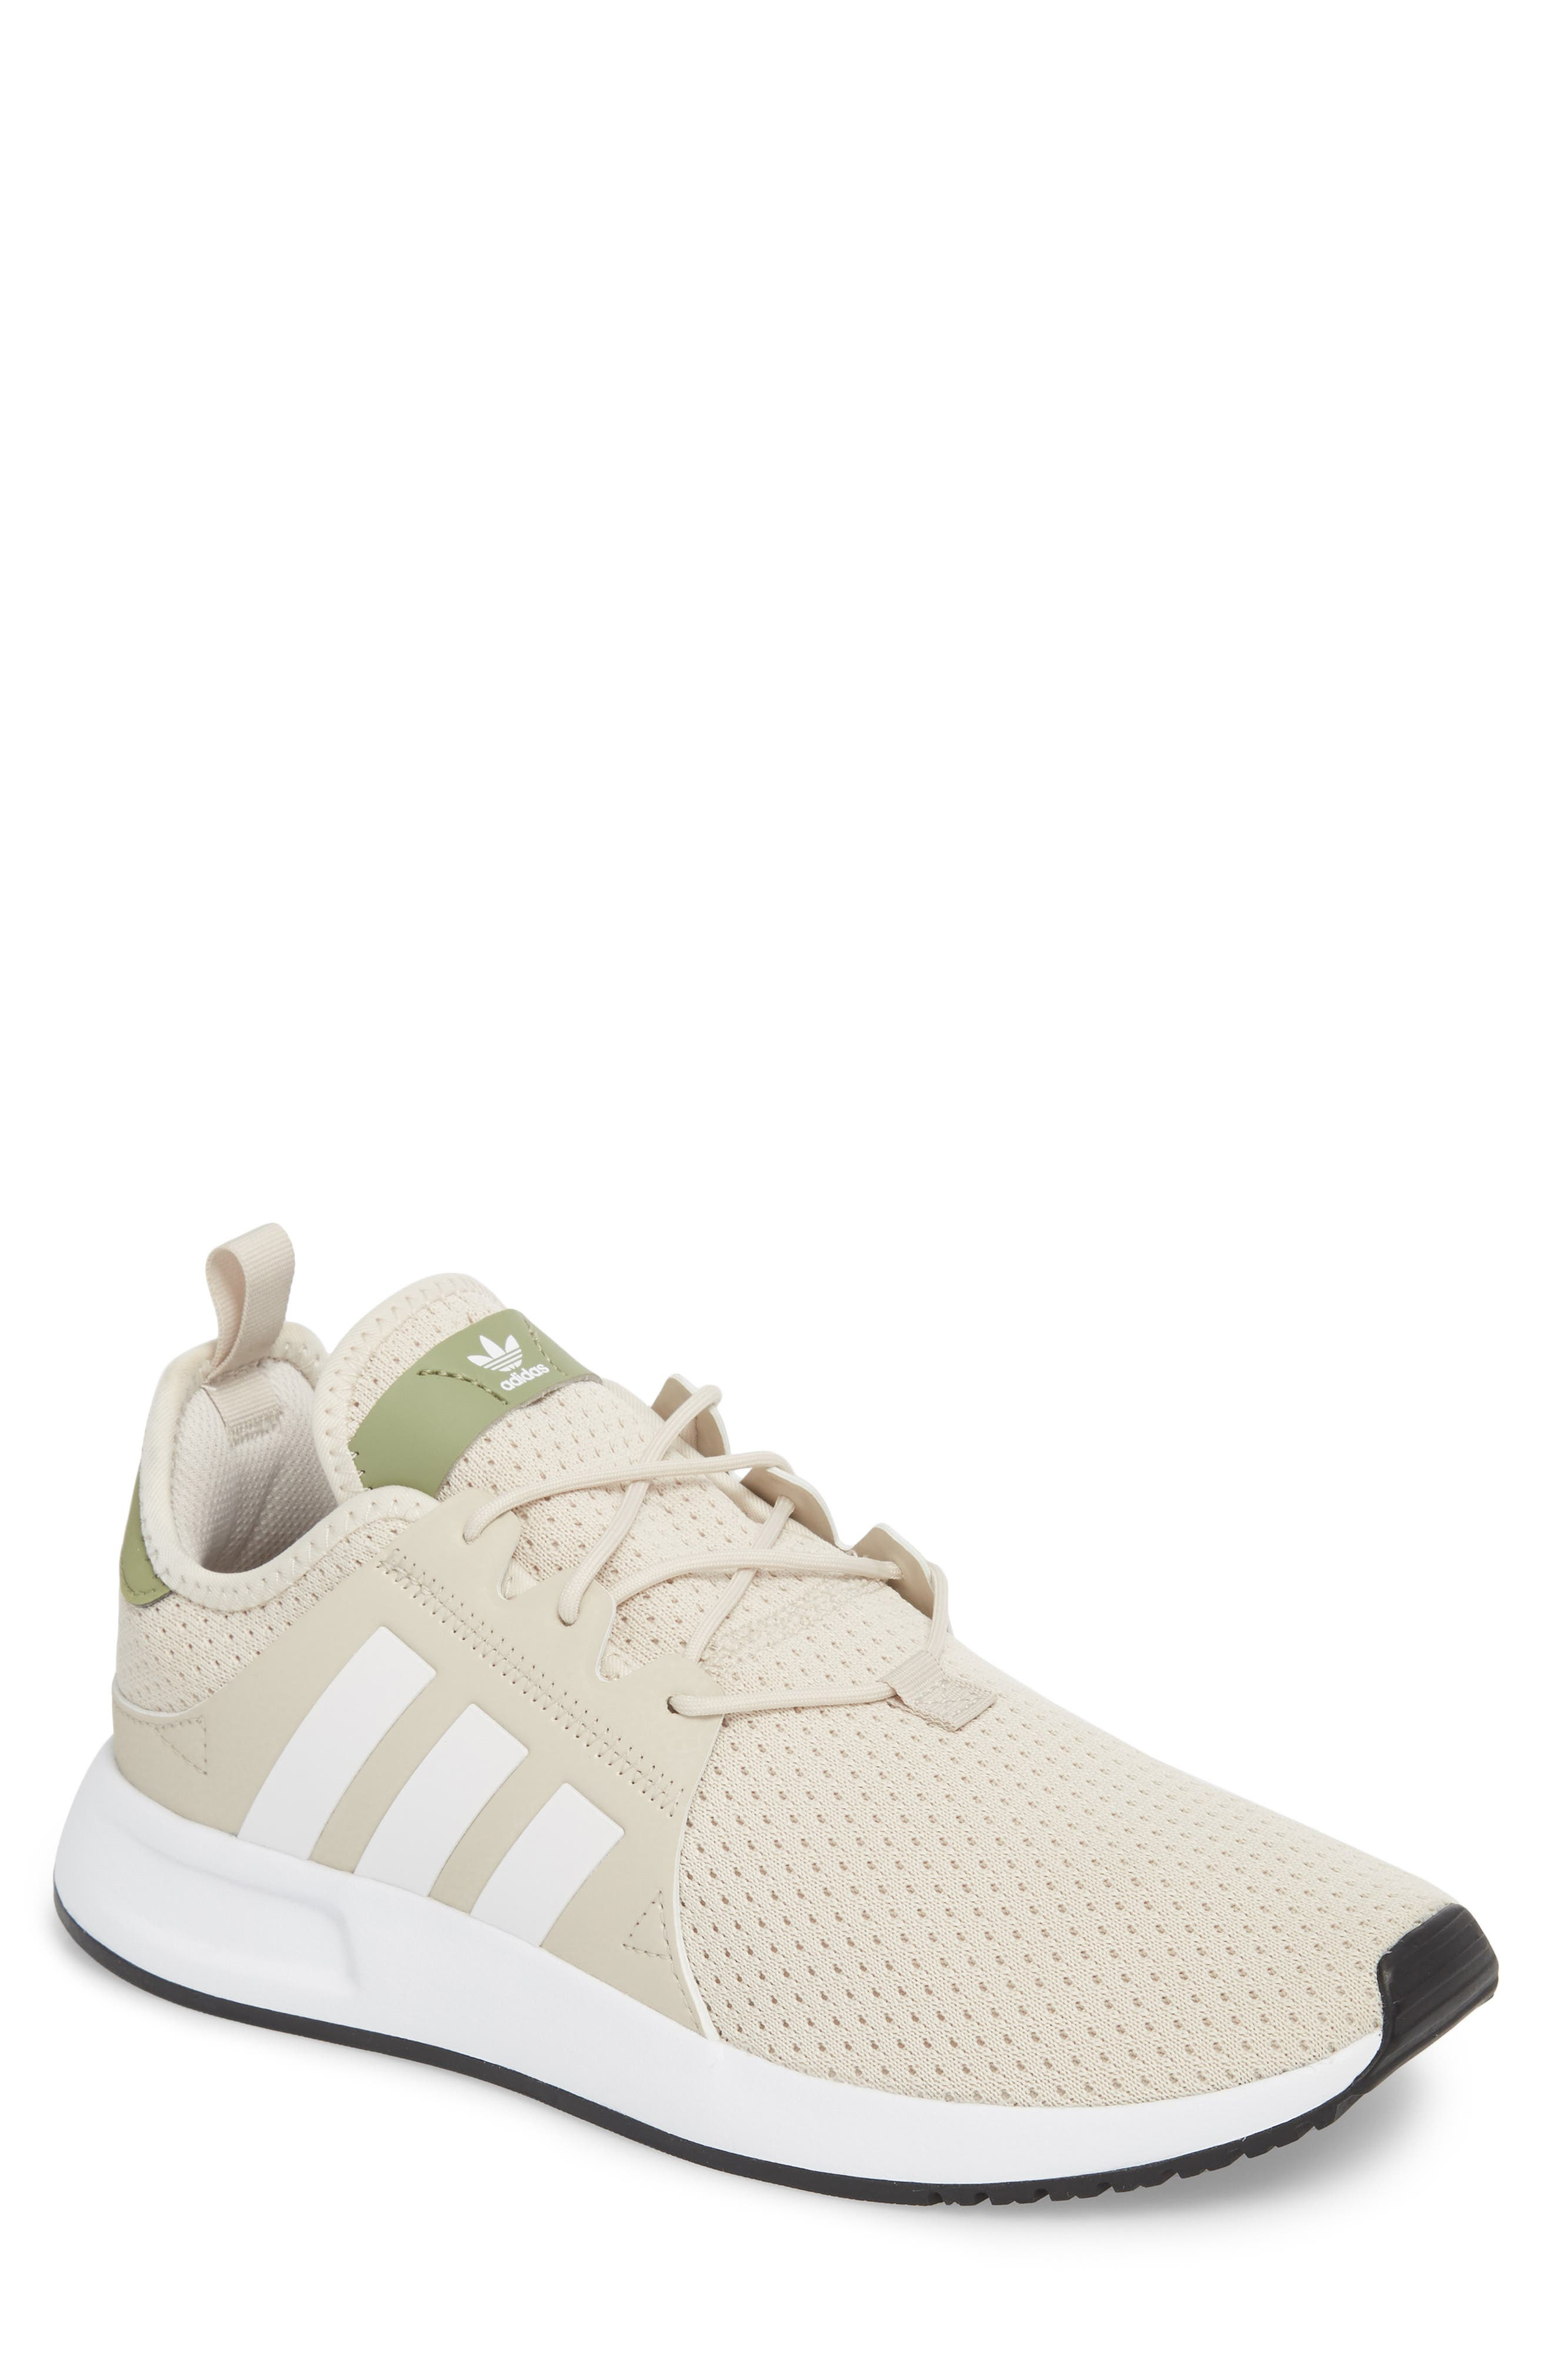 X_PLR Sneaker,                         Main,                         color, Brown/ White / Trace Cargo